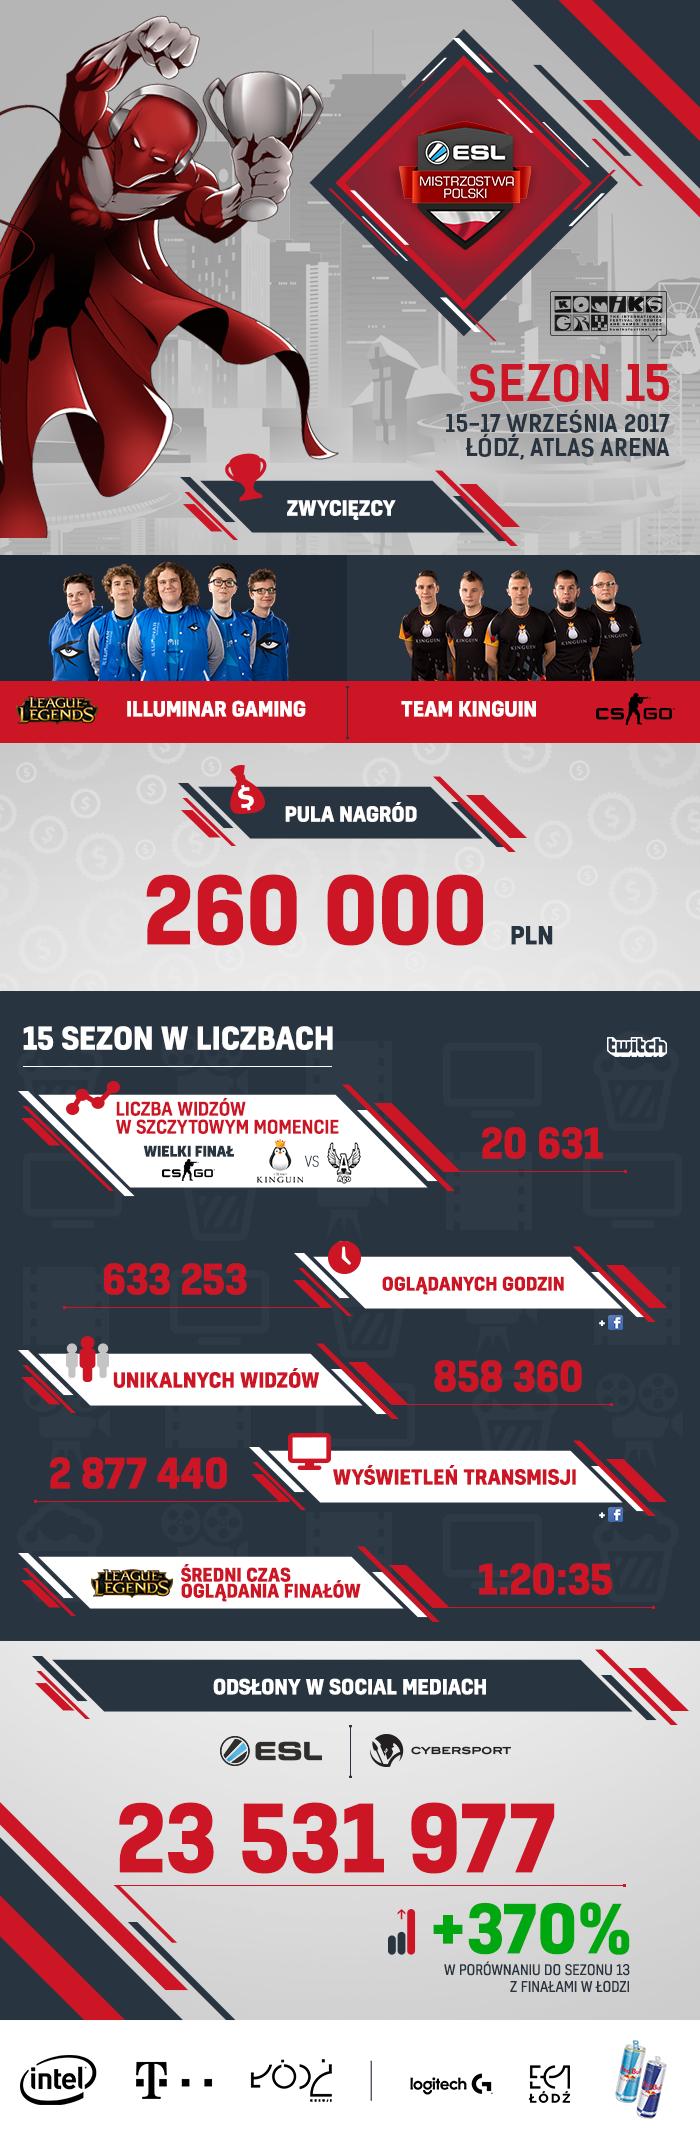 esl mistrzostwa polski infografika